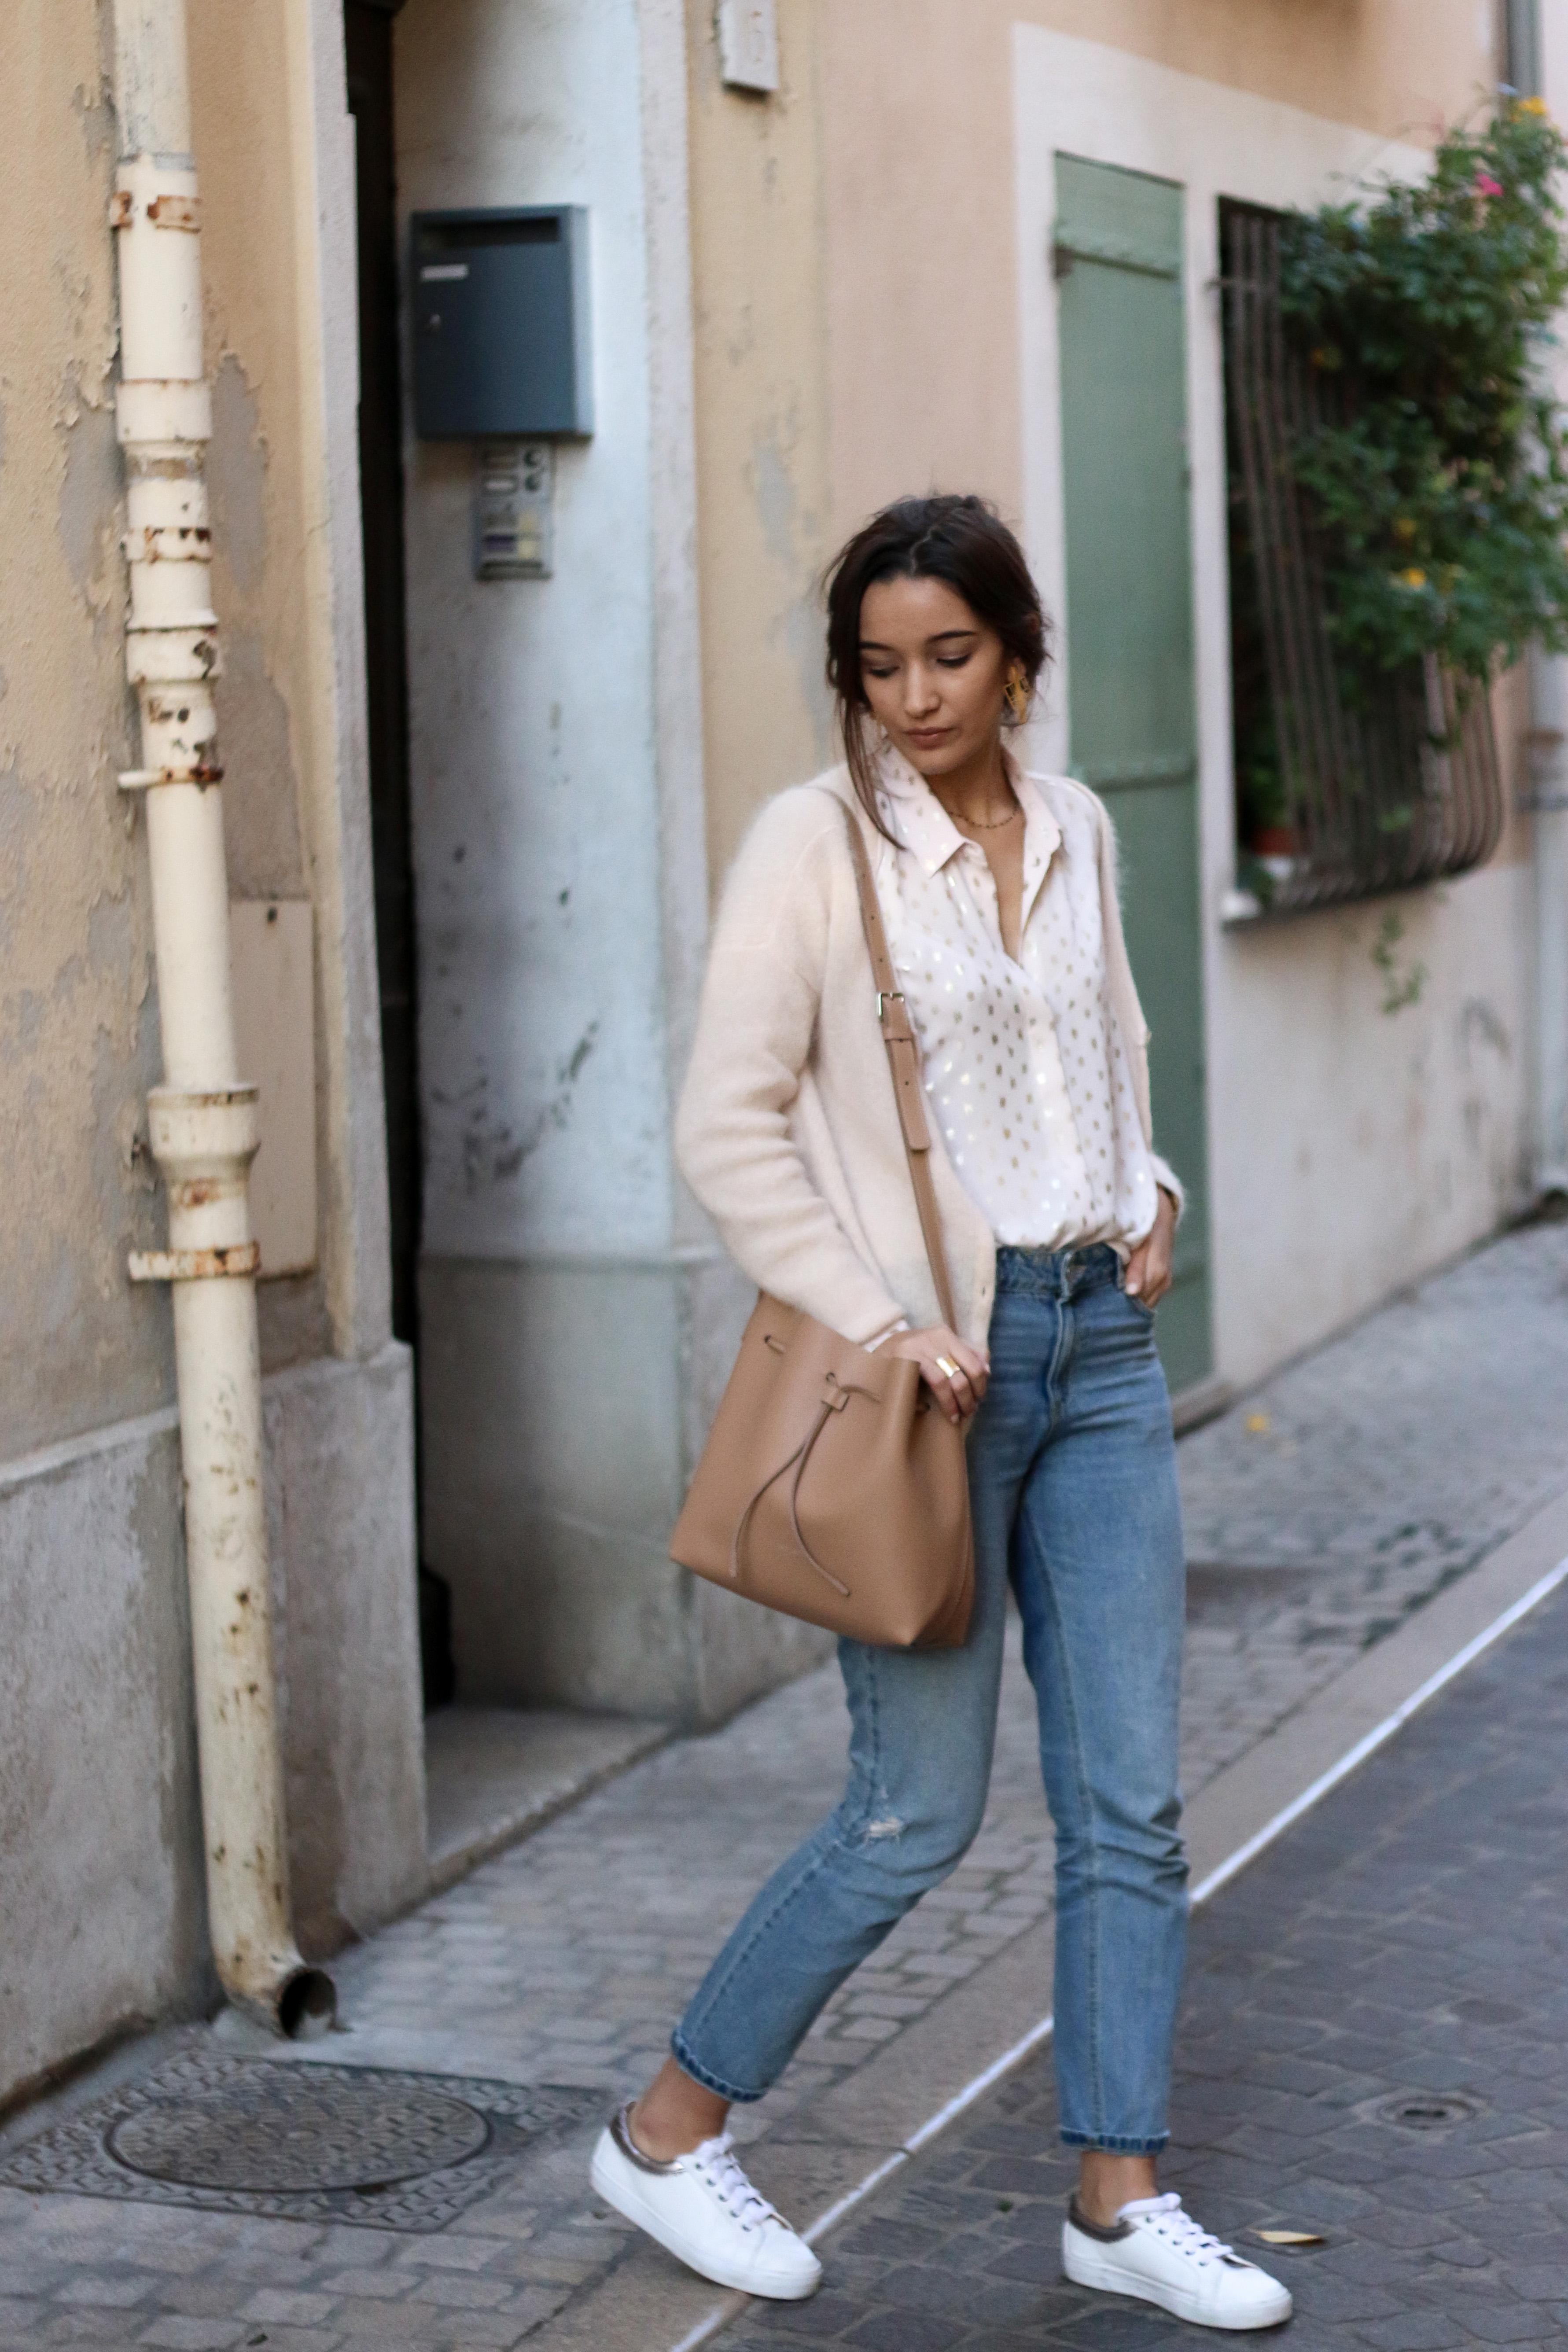 blog-mode-look-tendance